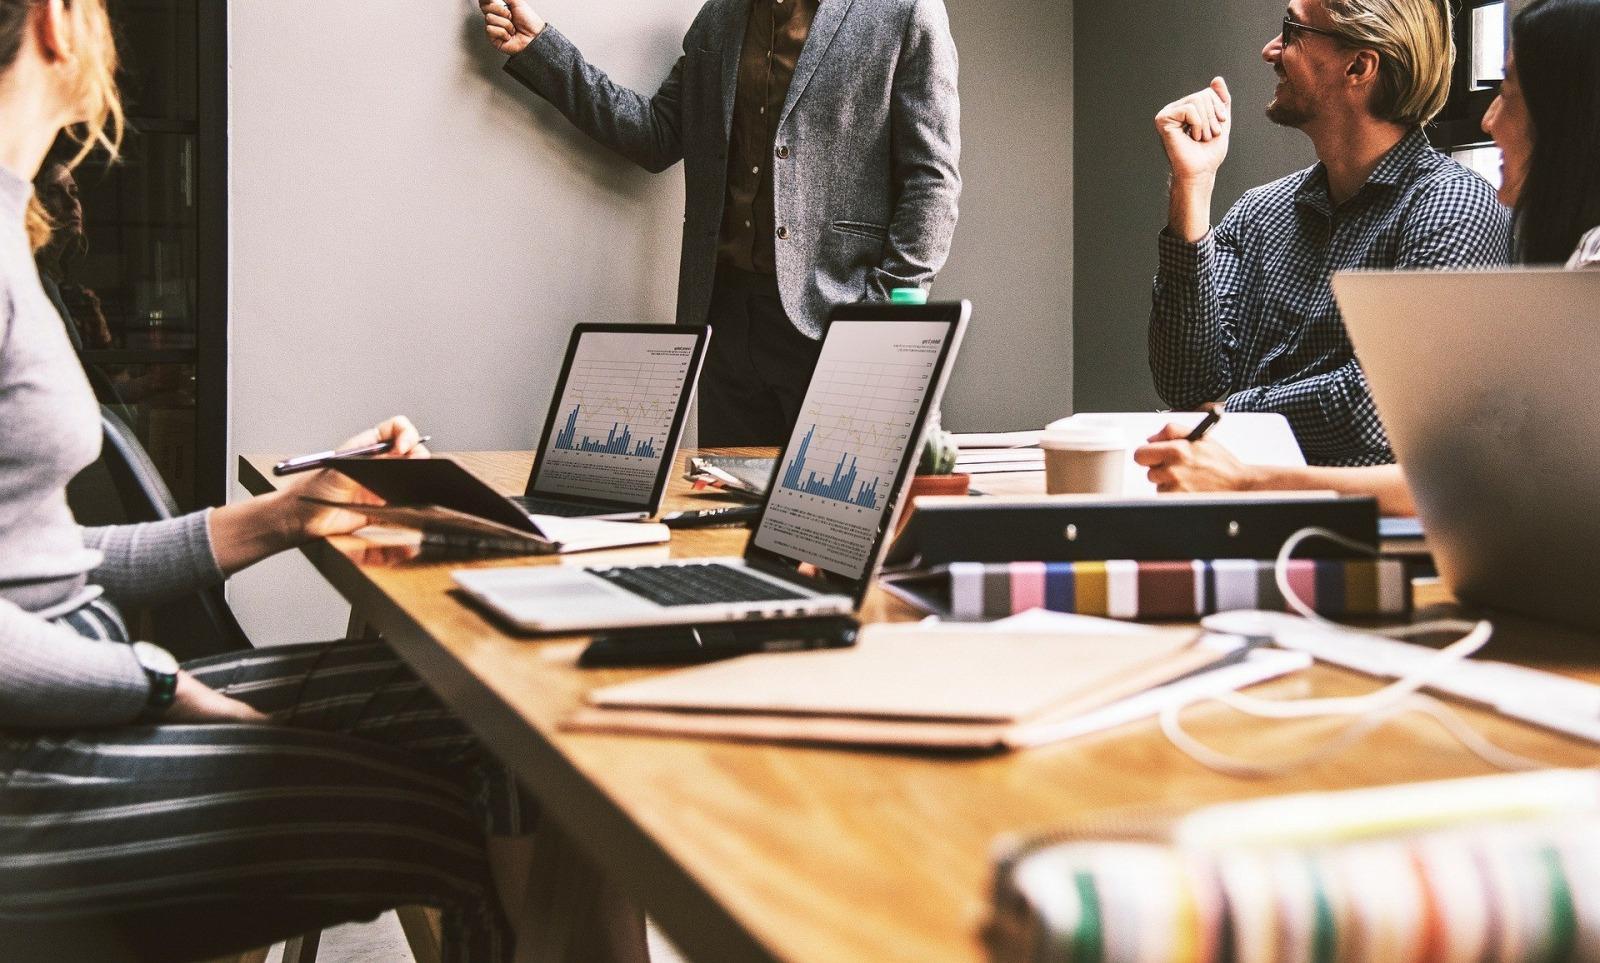 Incitamentsprogram ger stora möjligheter för både företag och personal